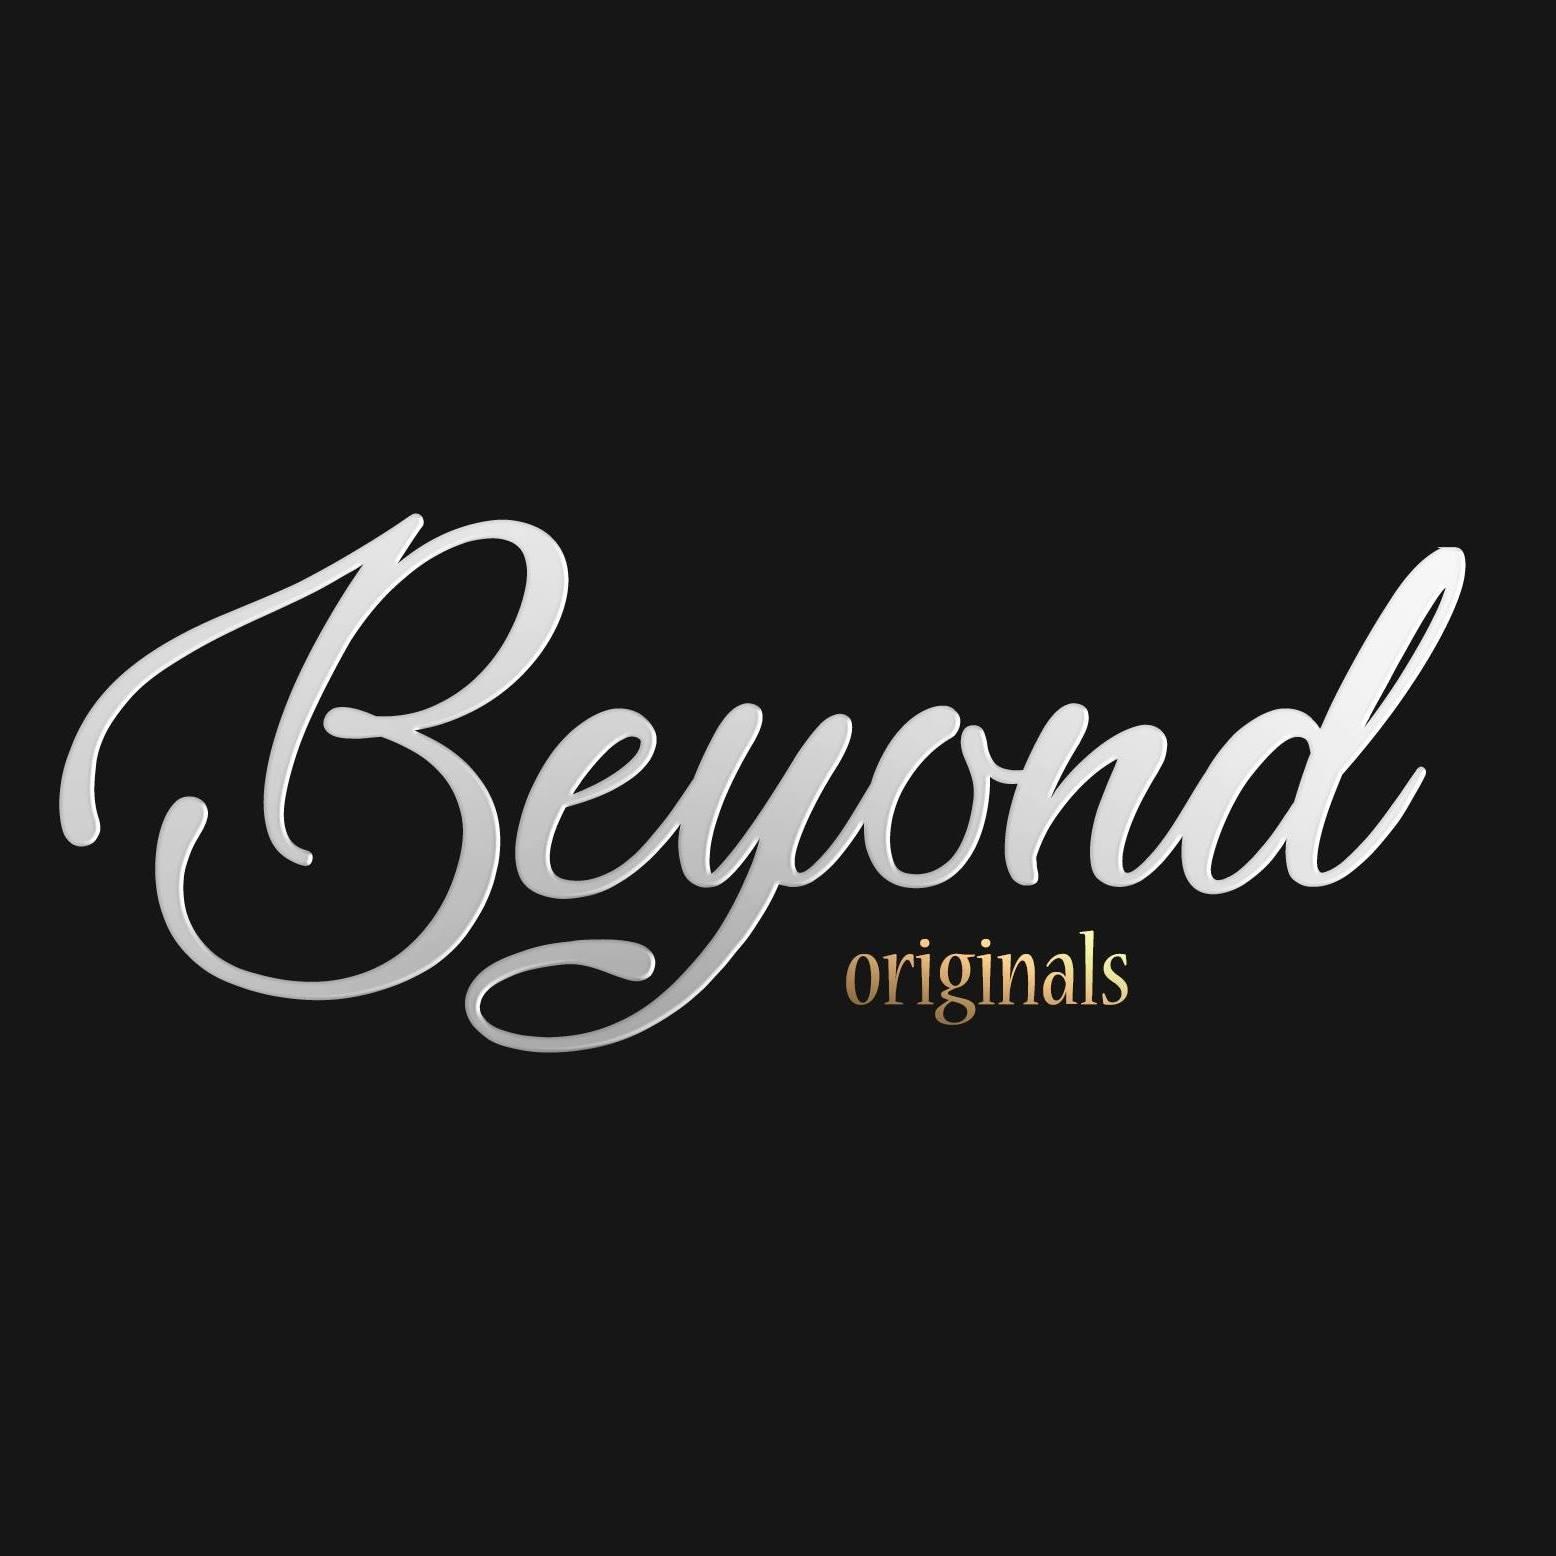 .:Beyond:.